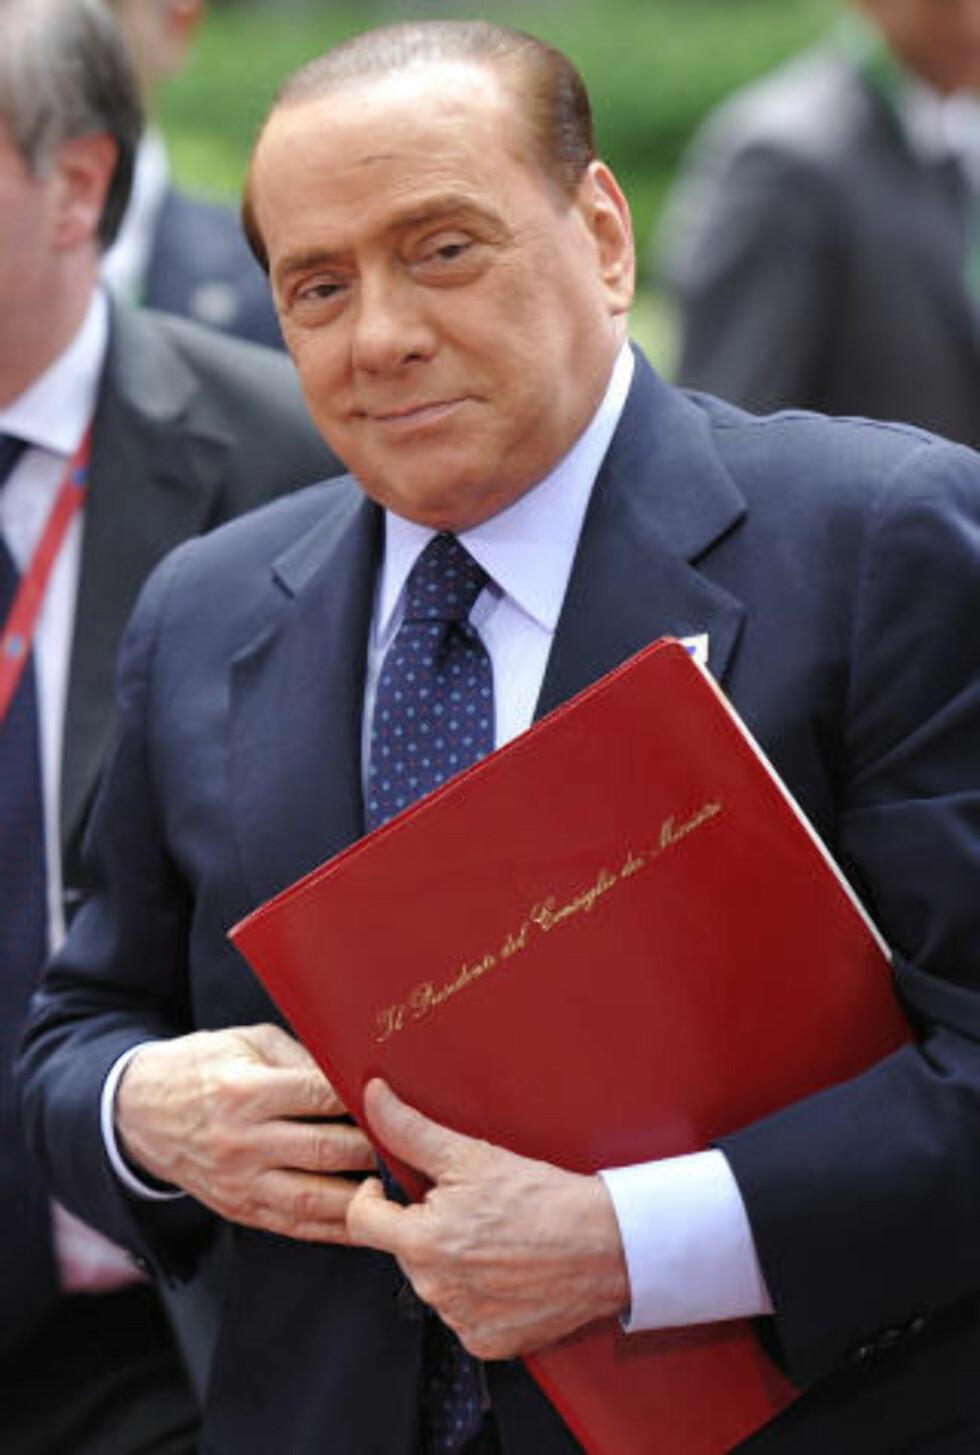 REGJERINGSPARTNER:  Silvio Berlusconi har flere ganger lent seg på Liga Nord for å beholde regjeringsmakten. Foto: ERIC FEFERBERG / AFP / SCANPIX